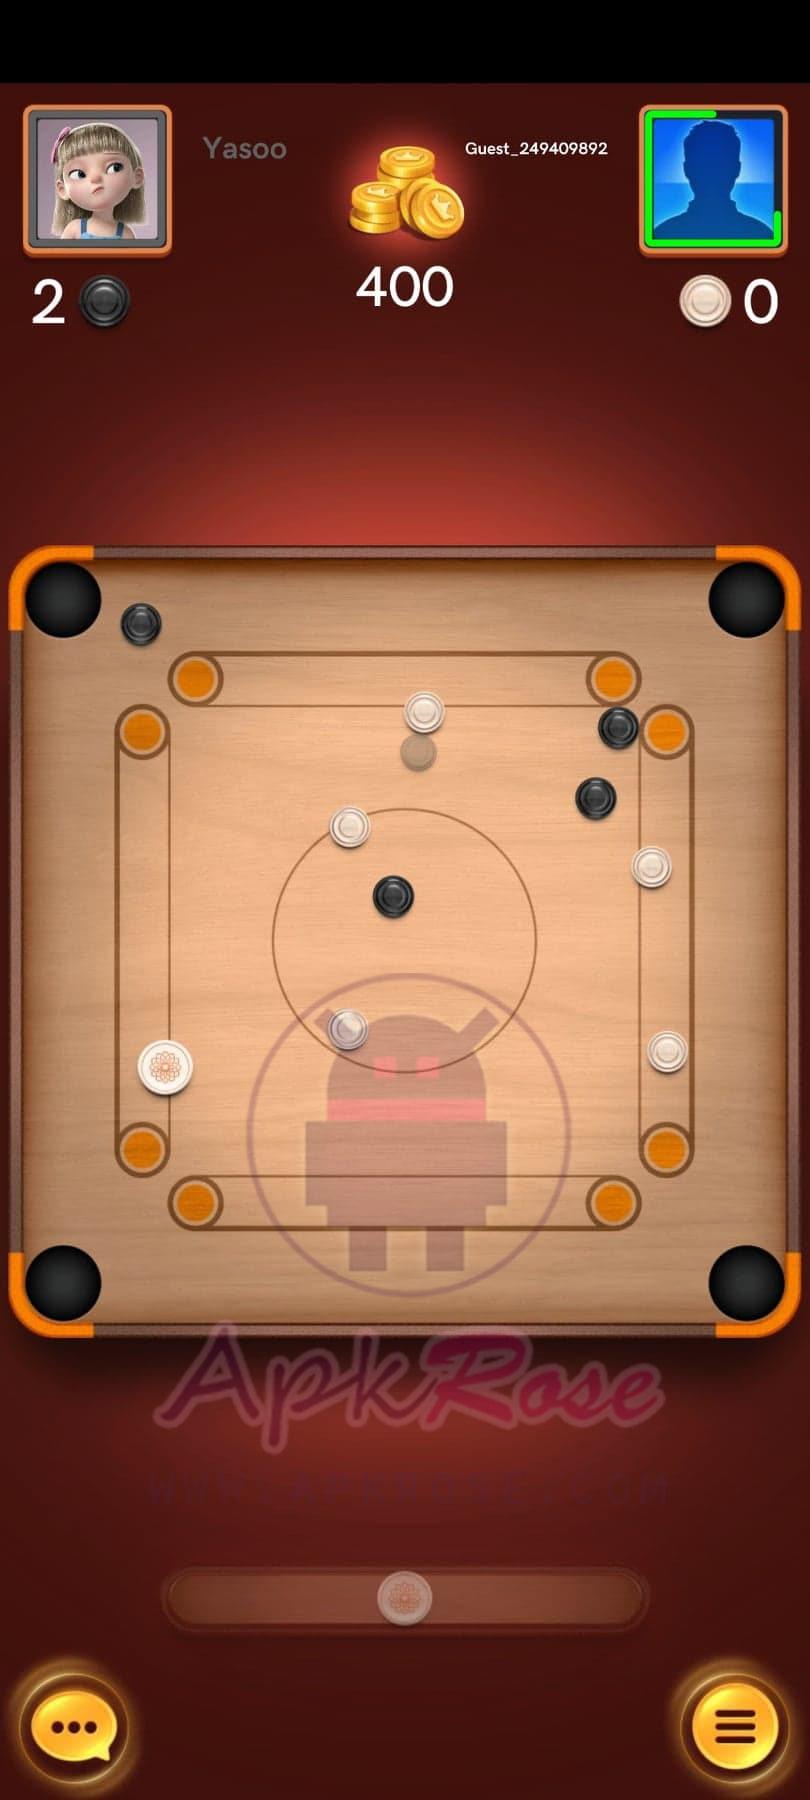 تحميل لعبة كيرم Carrom Pool Disc Game Apk Apkrose